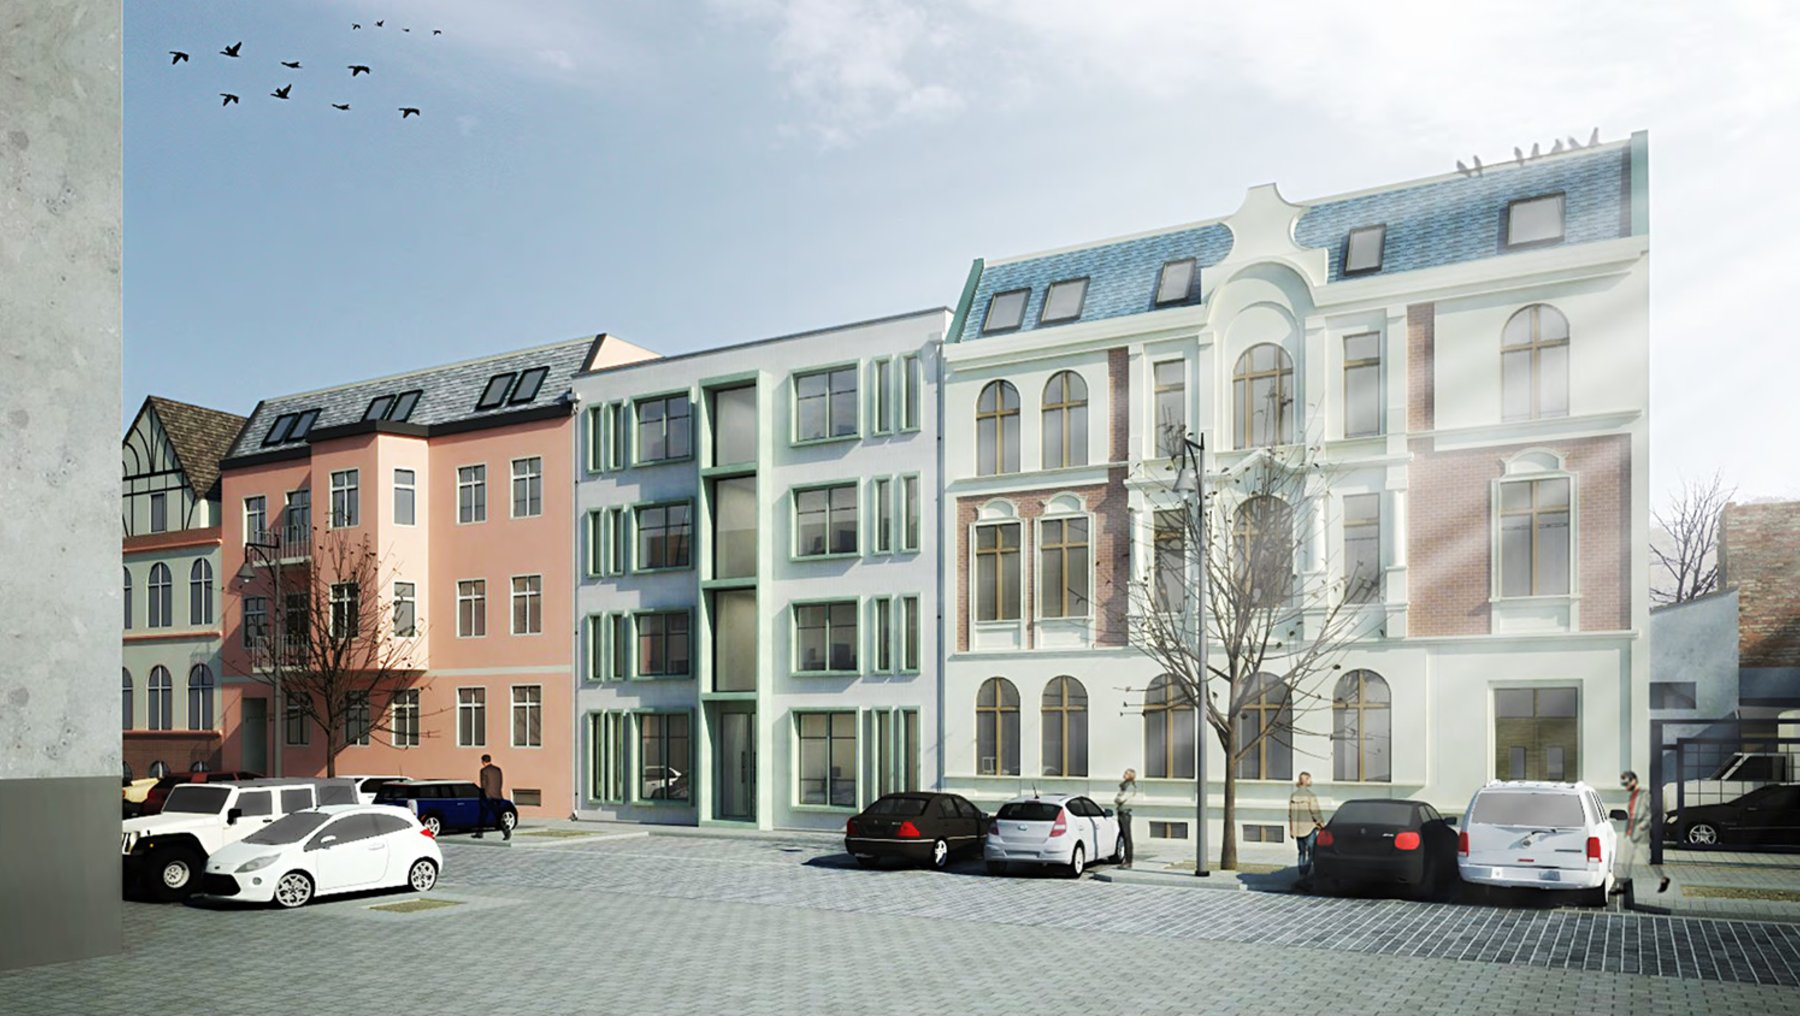 Entwurf von Li Shuan - Visualisierung Fassade zur Goethestraße